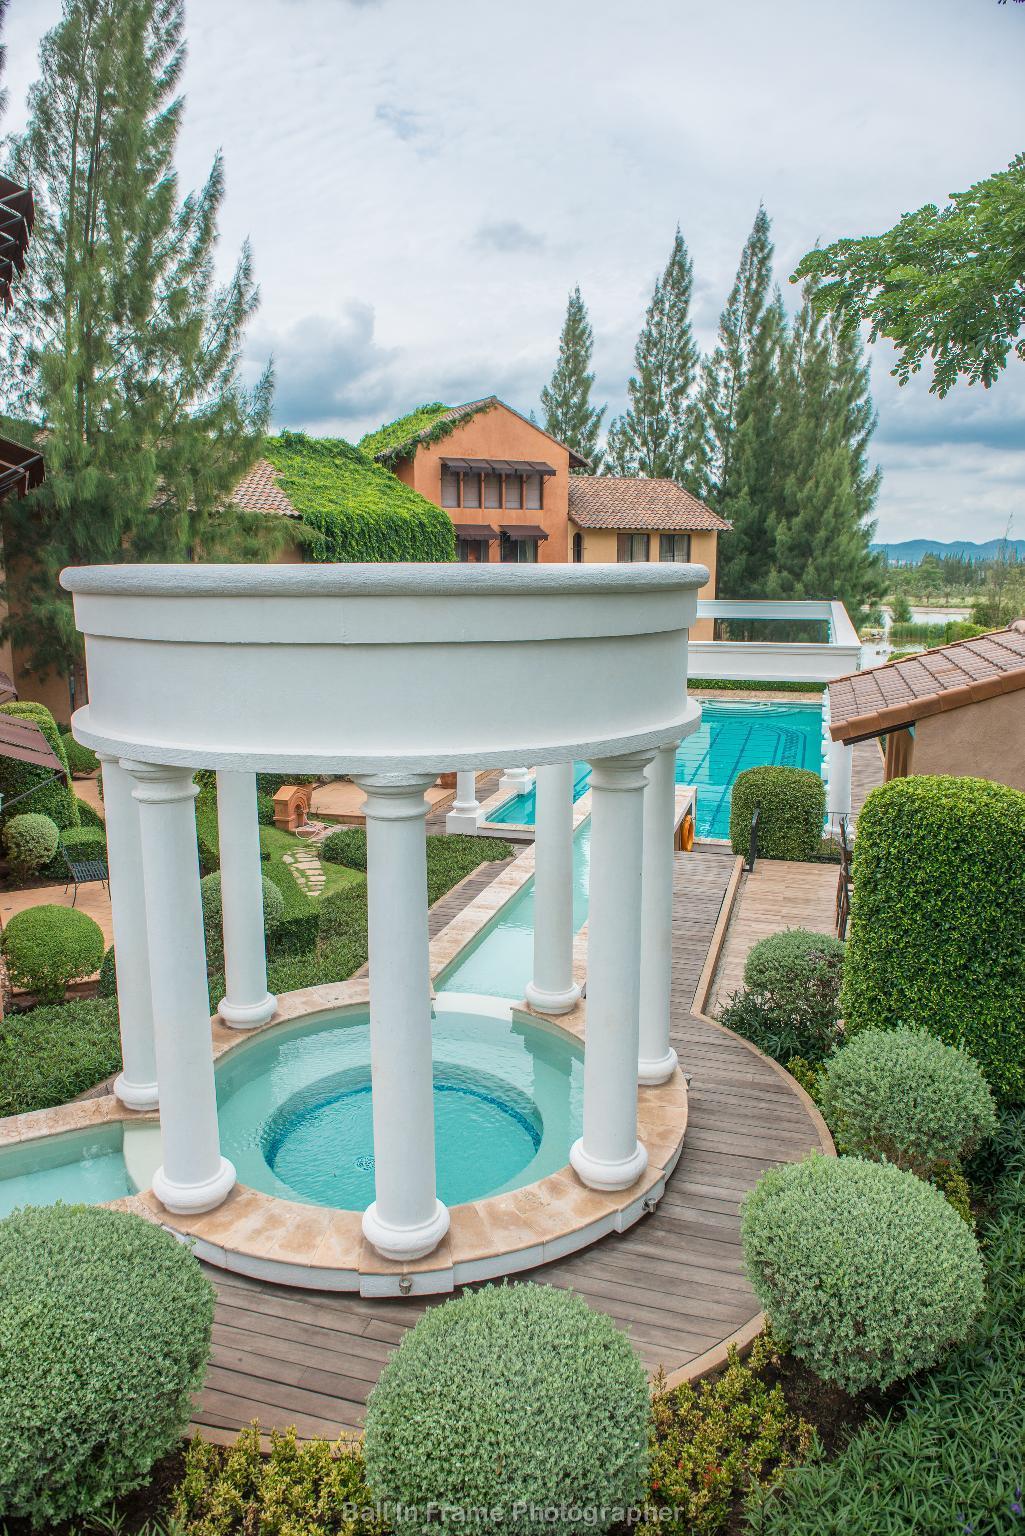 Toscana Valley Log Home บ้านเดี่ยว 4 ห้องนอน 3 ห้องน้ำส่วนตัว ขนาด 250 ตร.ม. – อุทยานแห่งชาติเขาใหญ่